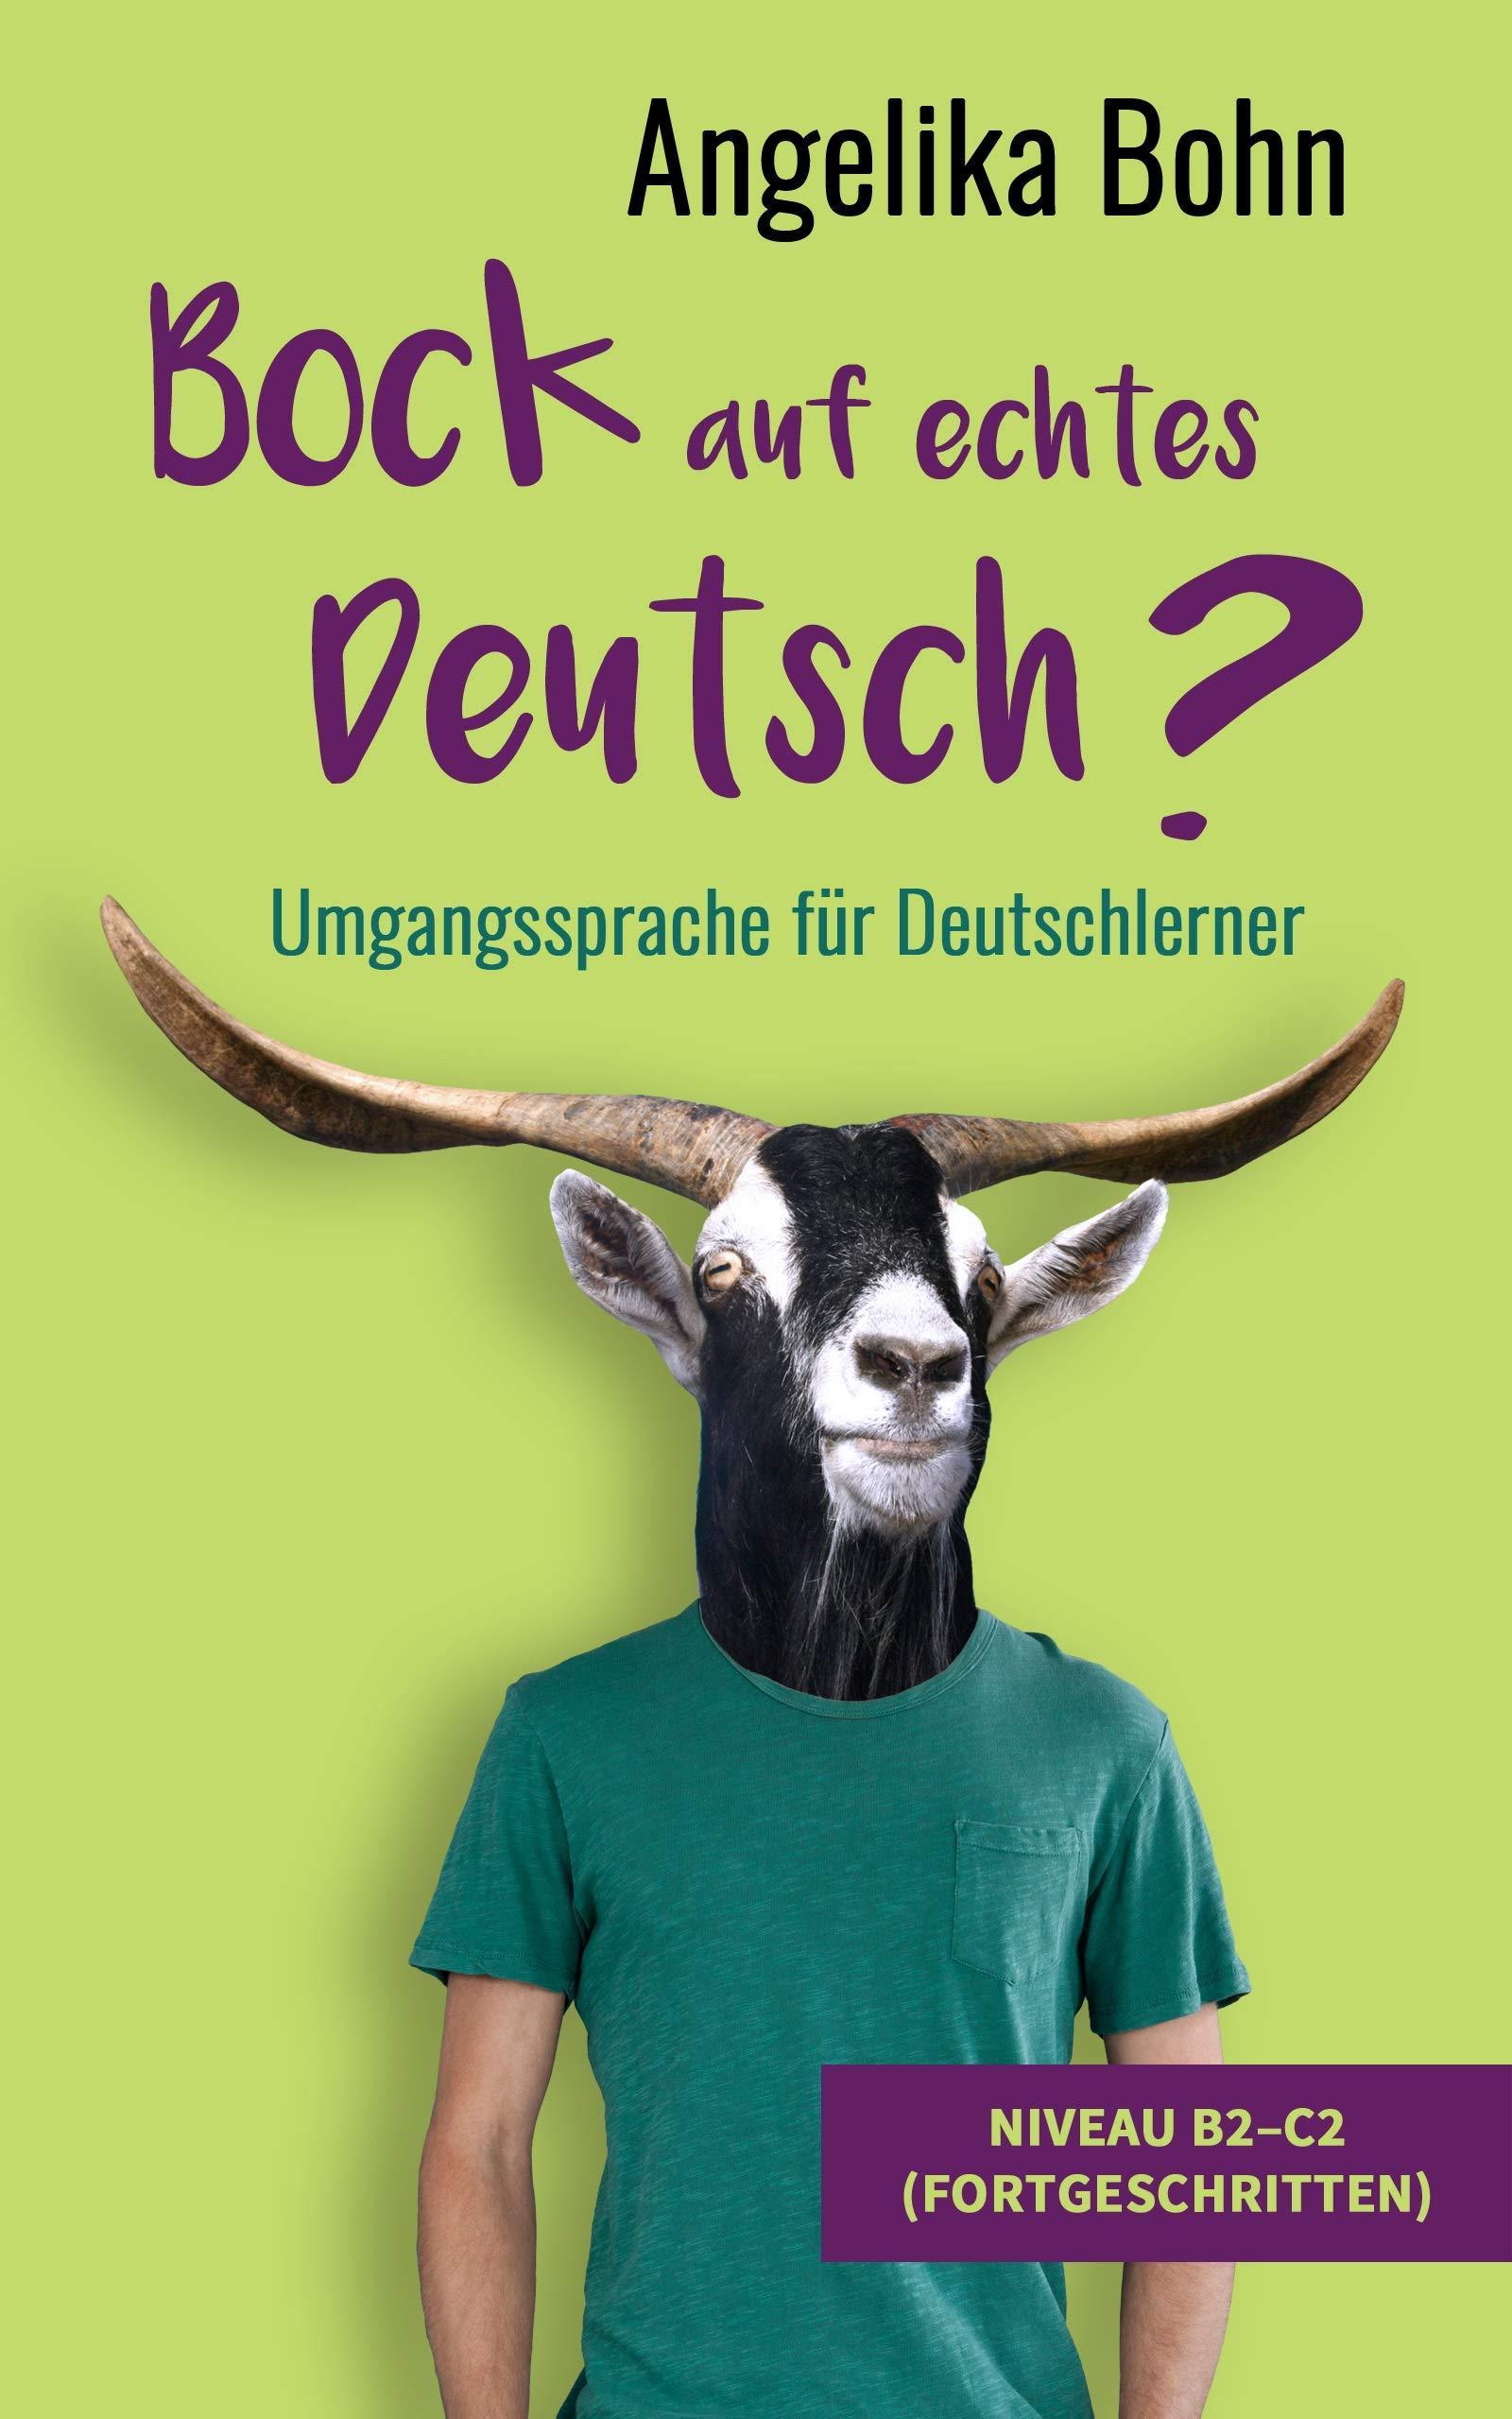 Bock auf echtes Deutsch? - Umgangssprache für Deutschlerner - Niveau B2-C2